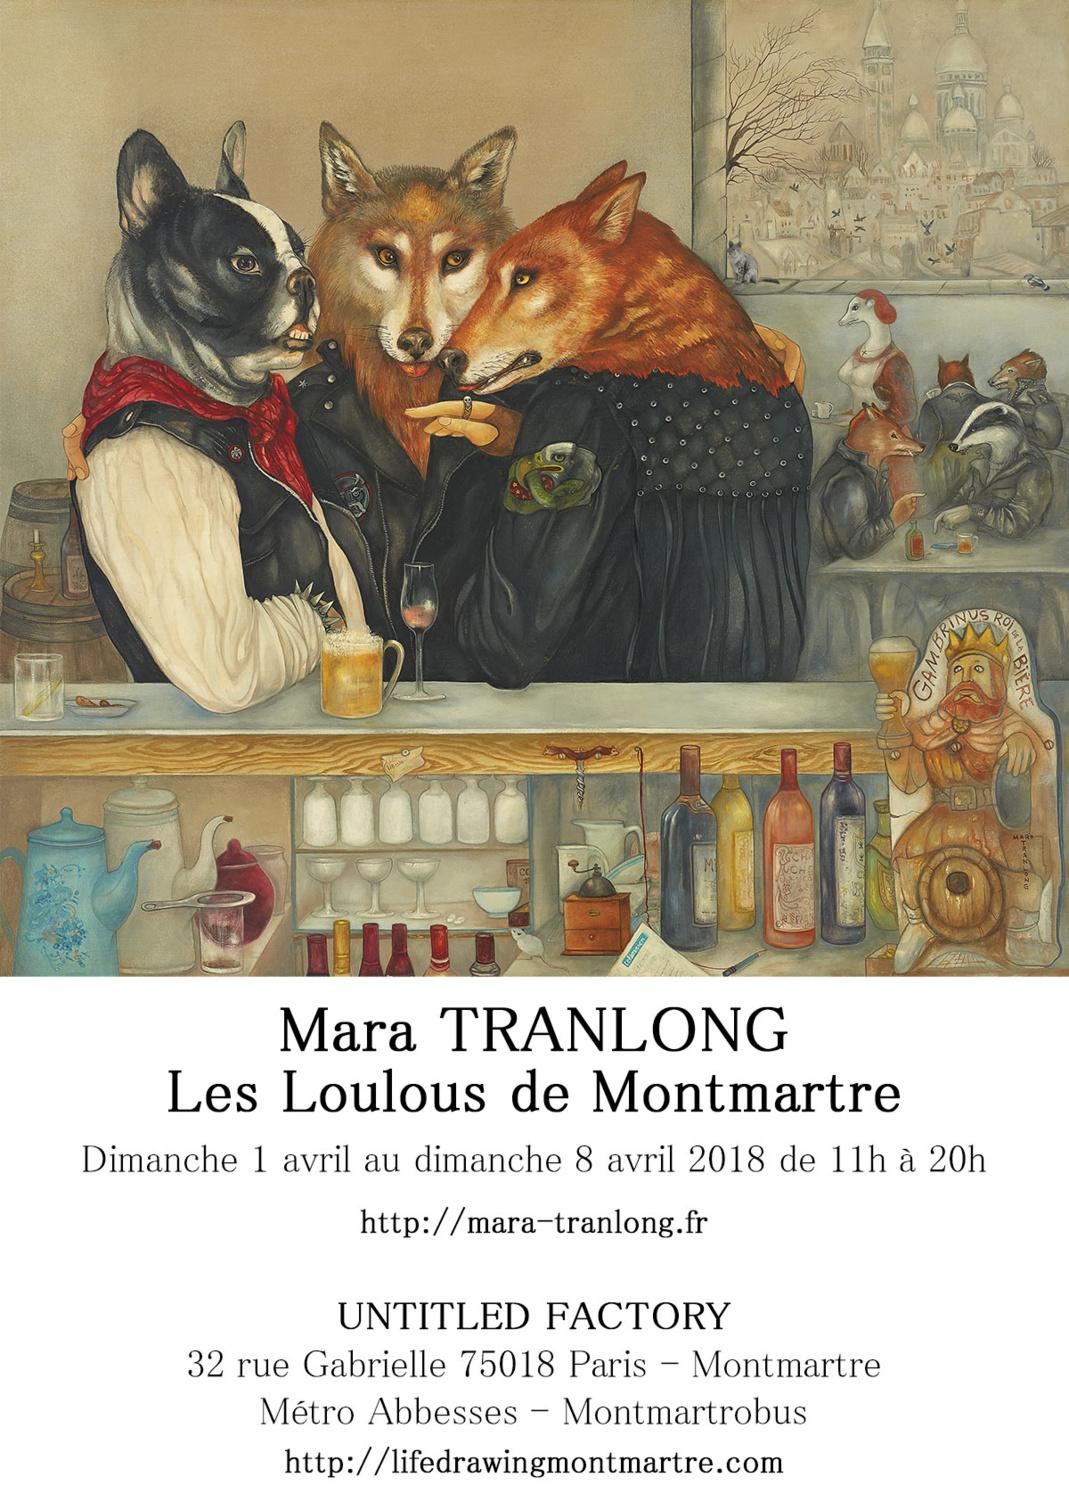 Mara Tranlong - Collection 2005-2010 - Les loulous de Montmartre - Titre : Le képi blanc - Peinture acrylique sur bois - 90cm x 100 cm